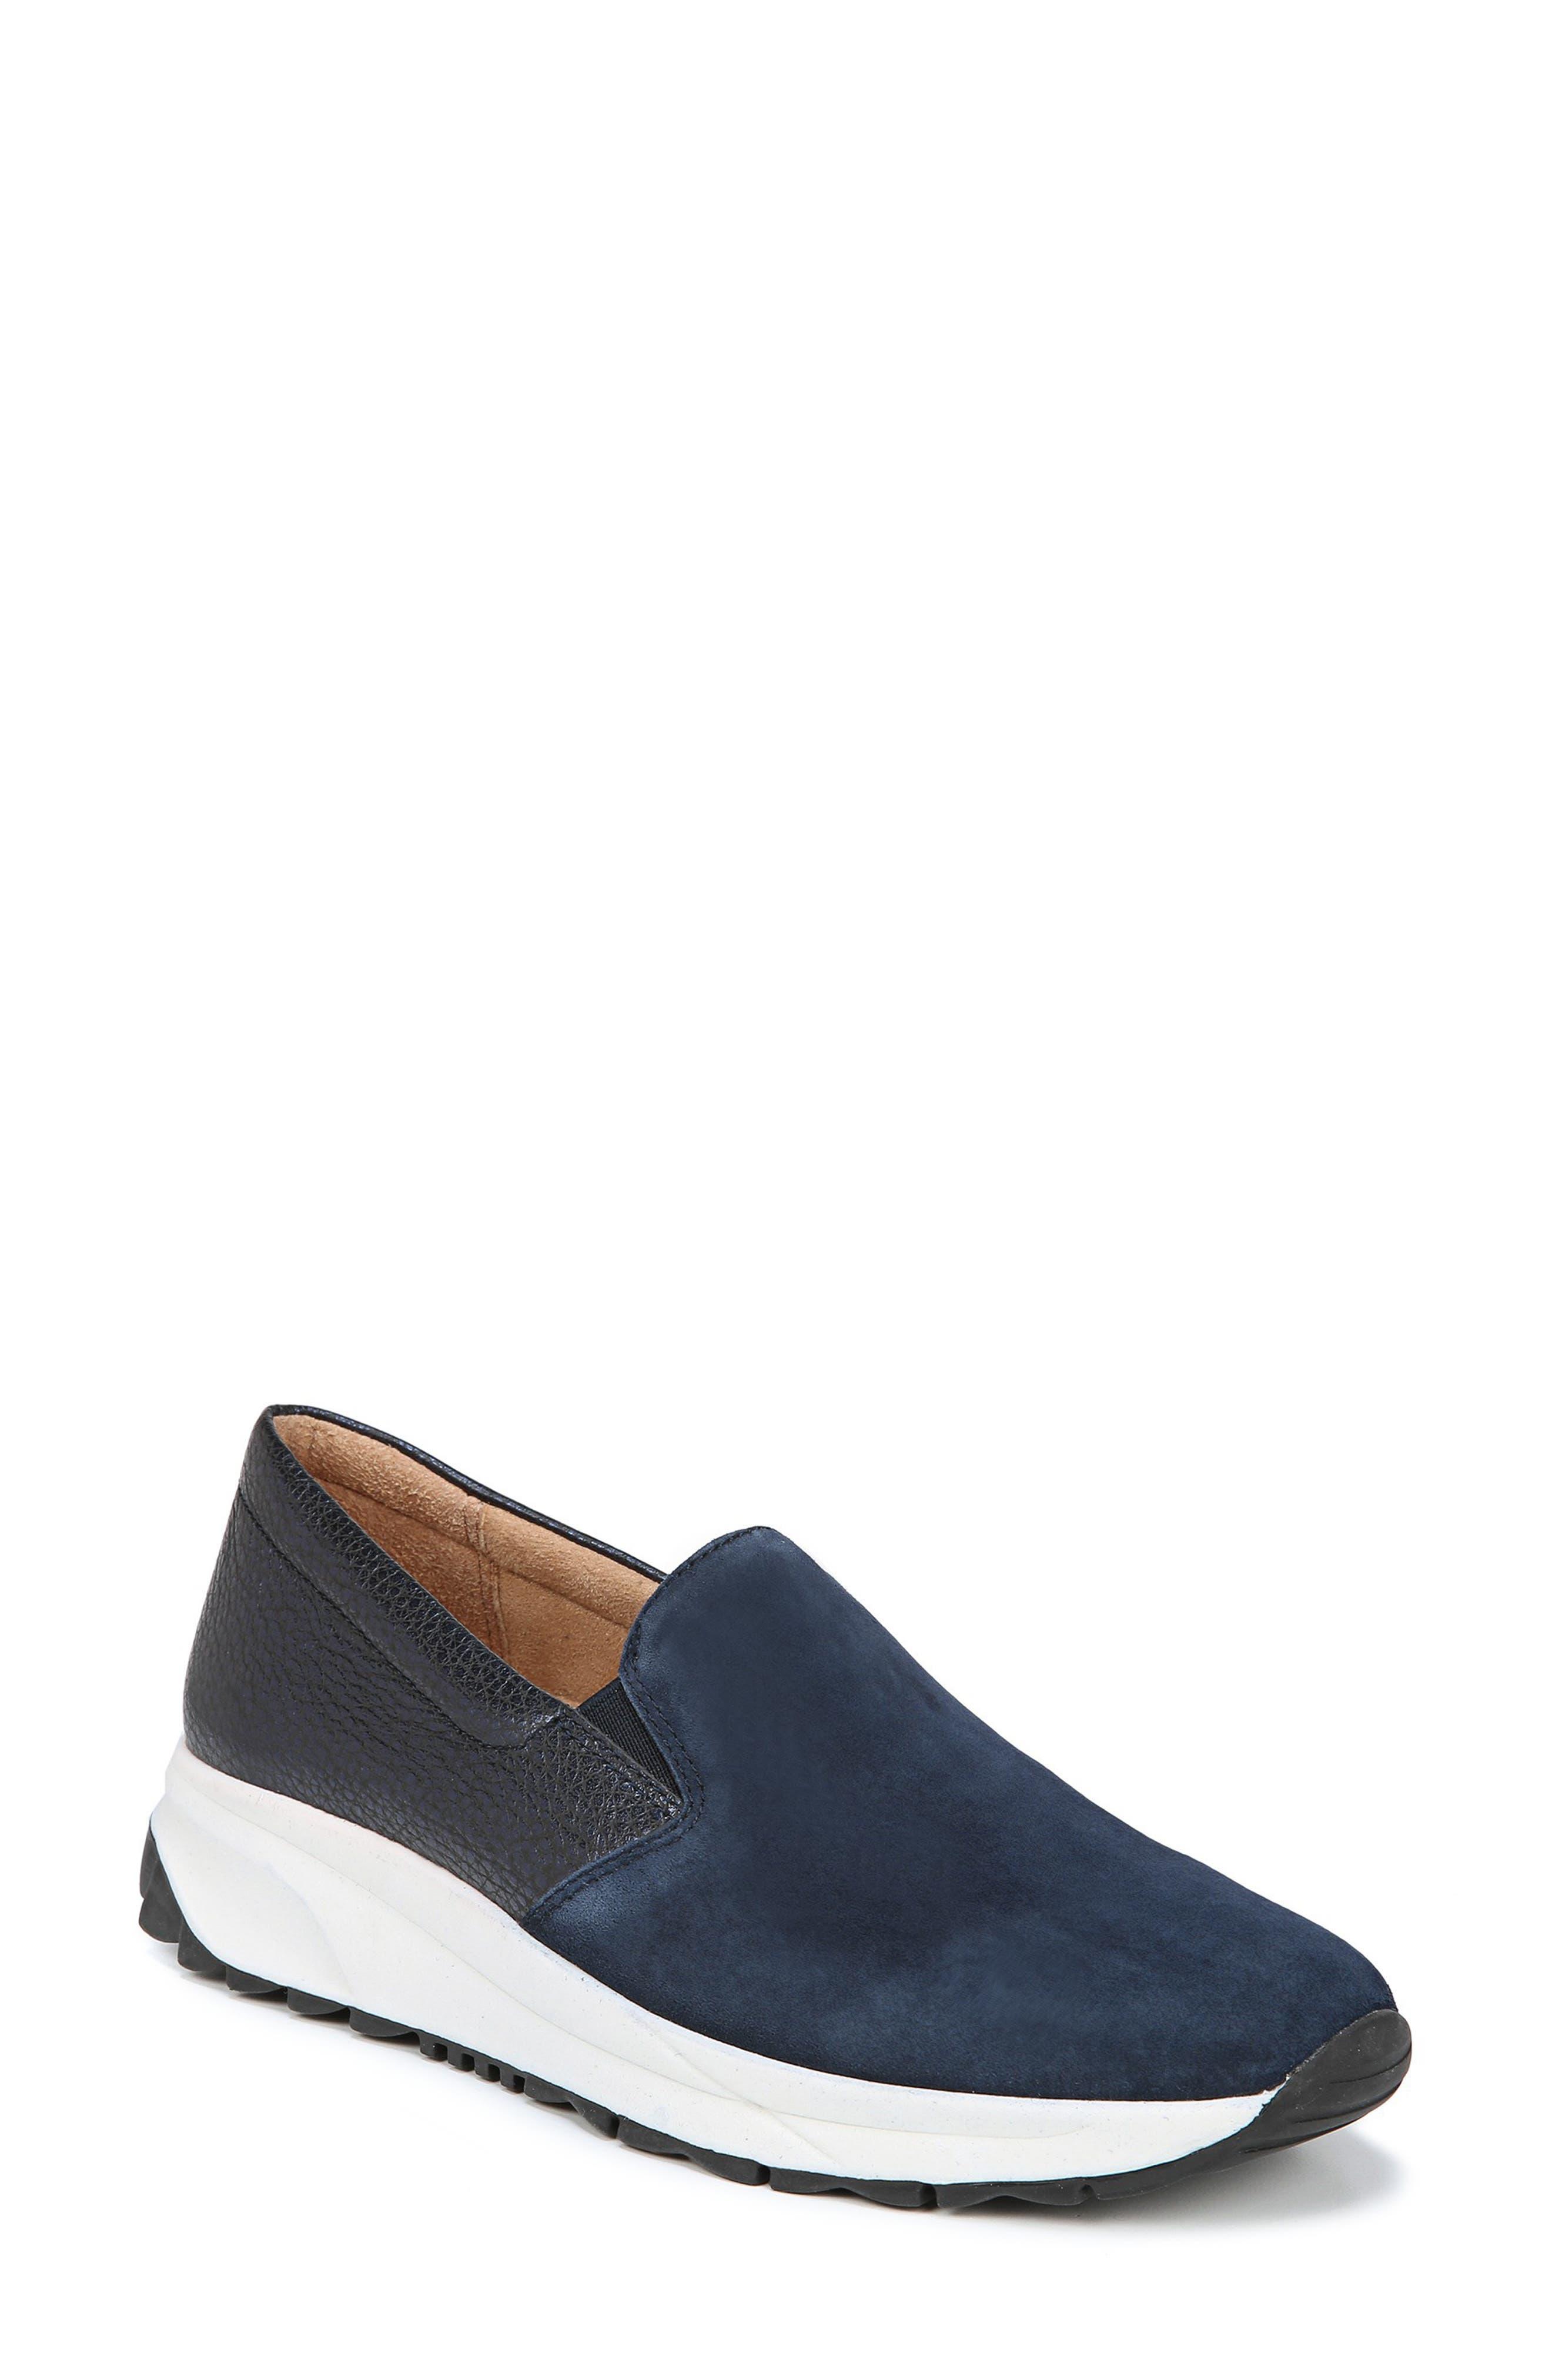 Selah Slip-On Sneaker,                         Main,                         color, INKY NAVY SUEDE